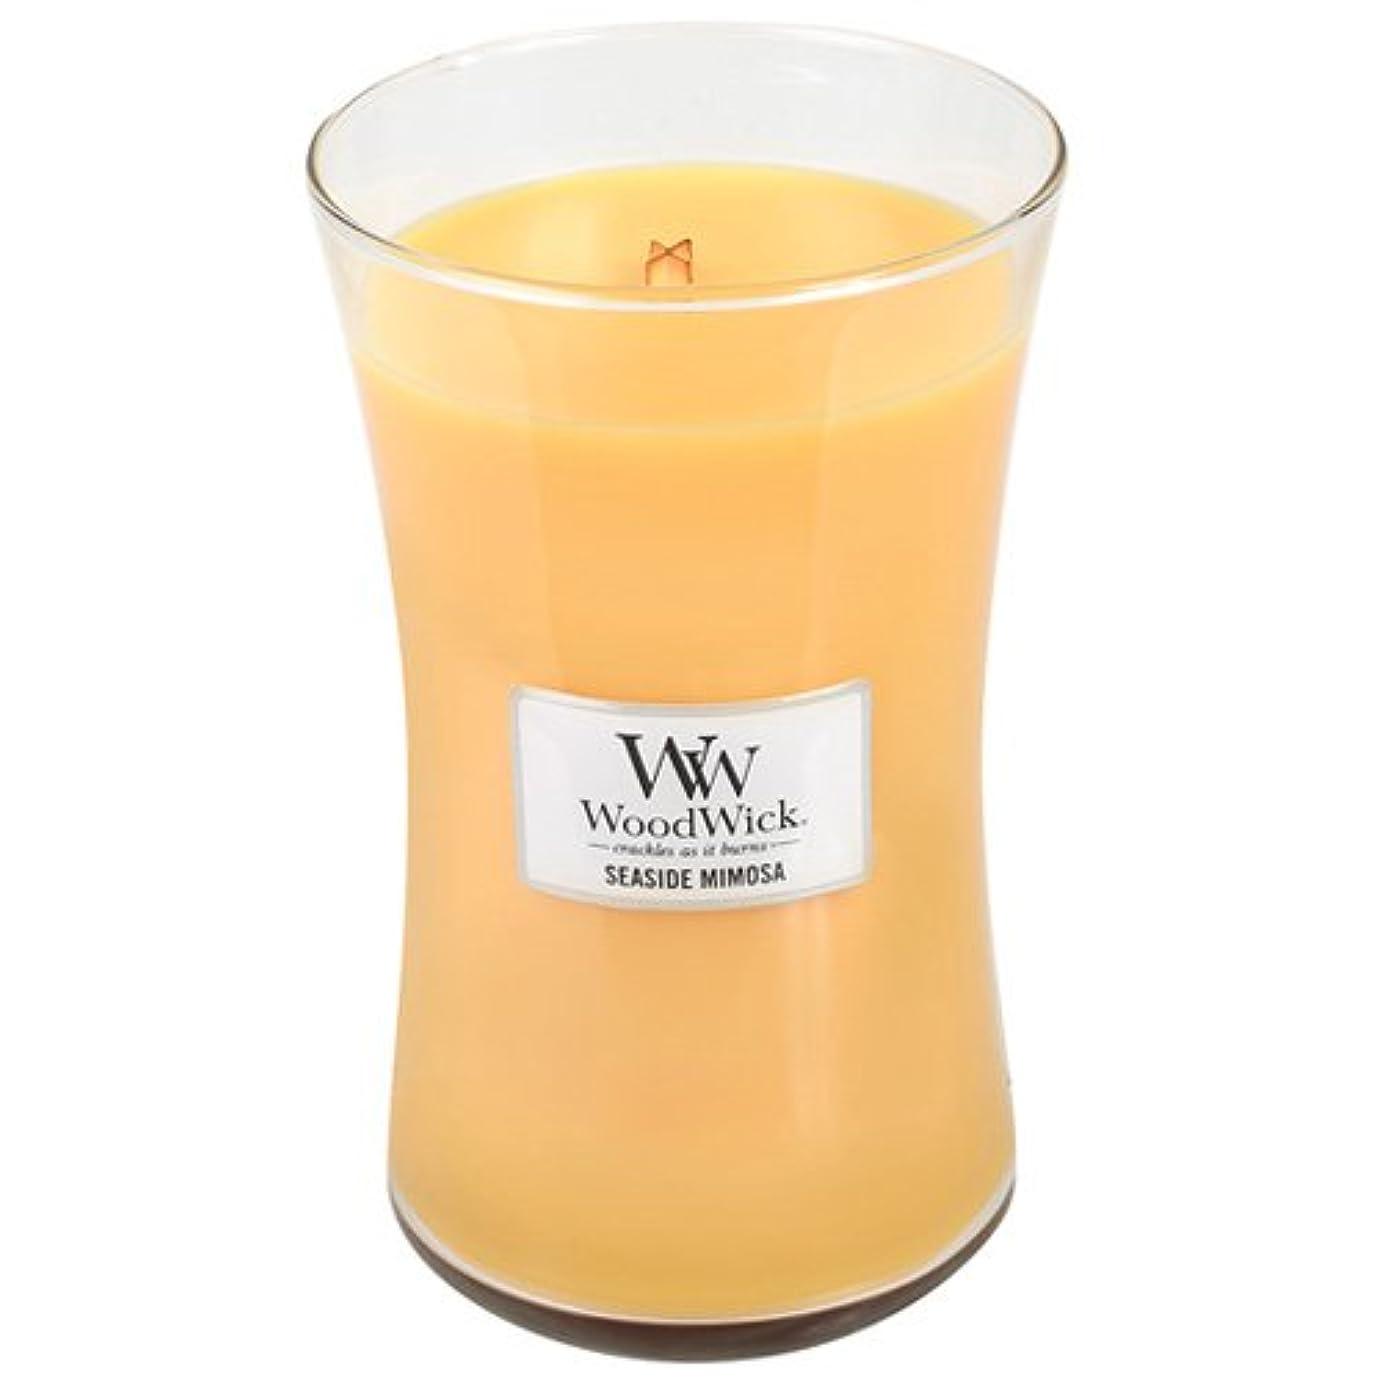 むしろ人差し指カナダSeasideミモザWoodWick 22oz香りつきJar Candle Burns 180時間